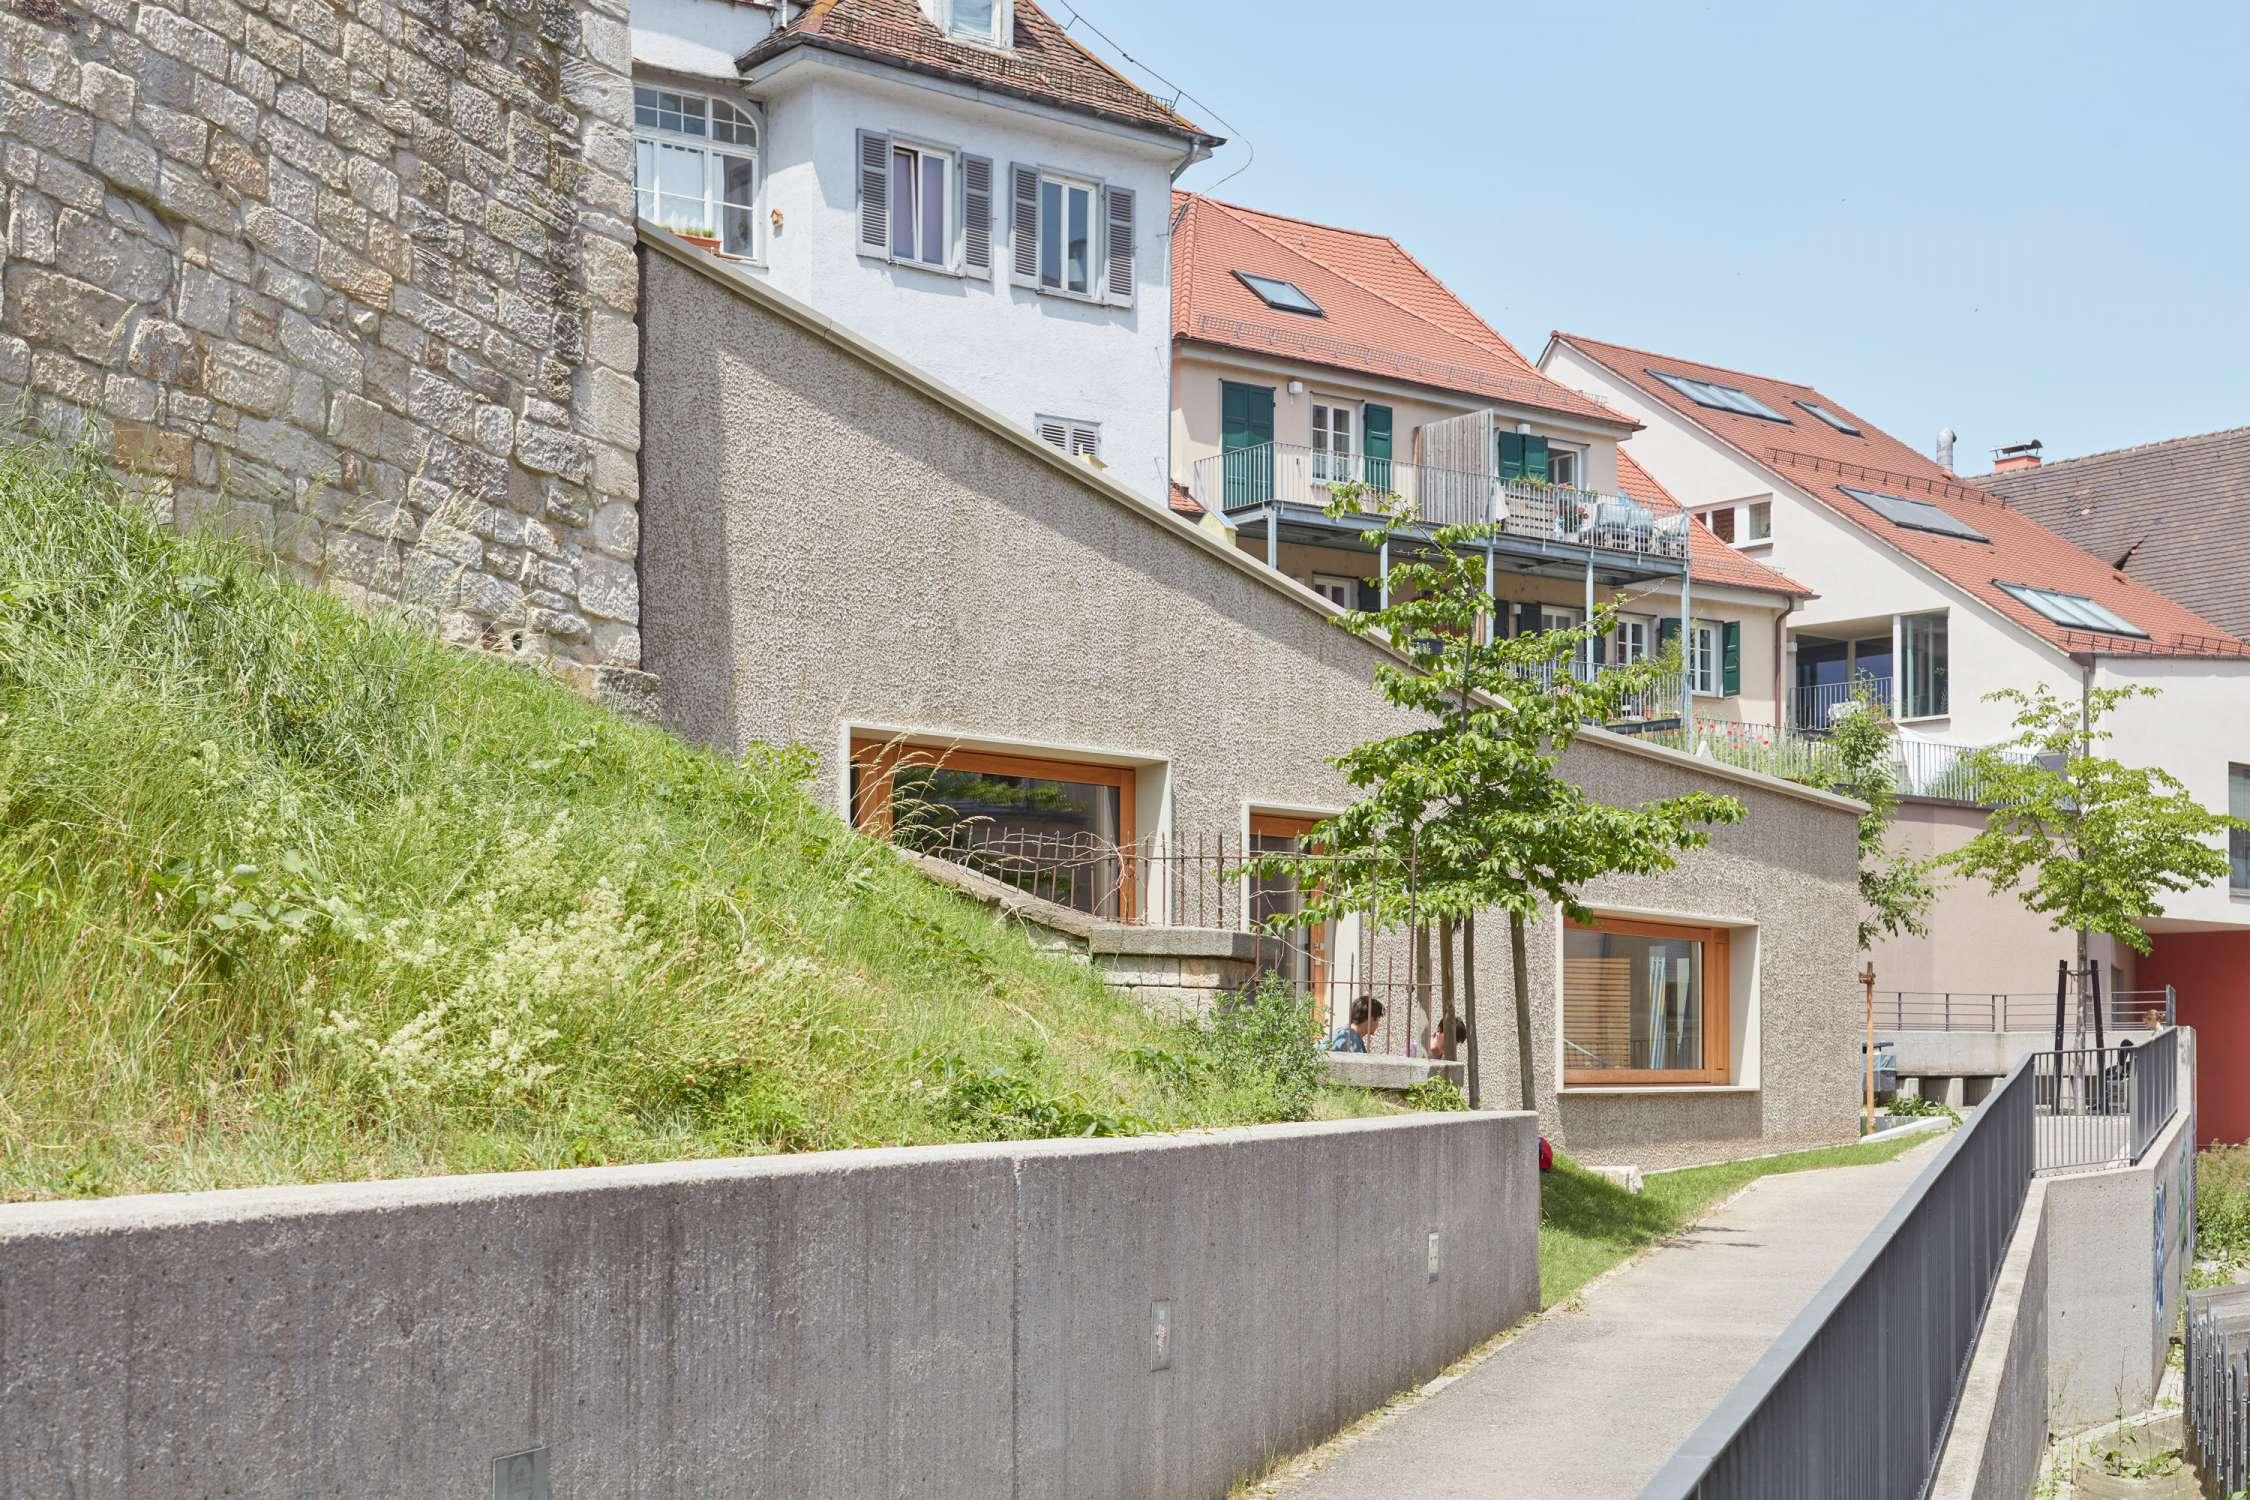 Umbau und Anbau Wohn- und Geschäftshaus (15)